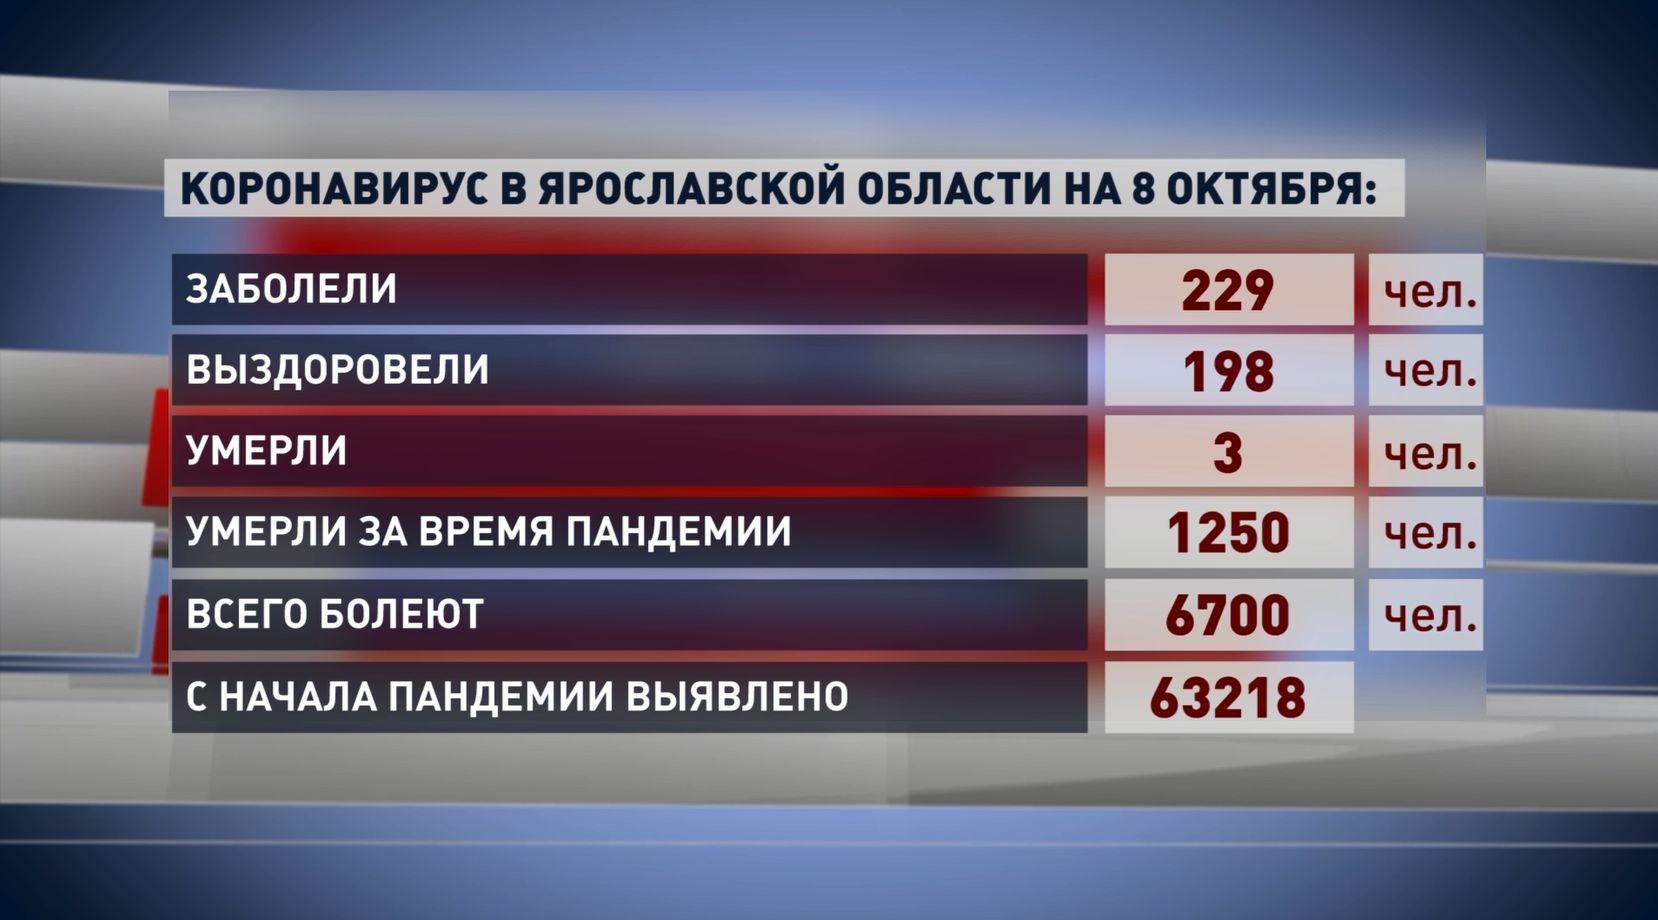 За минувшие сутки в Ярославской области 229 человек услышали диагноз «ковид»